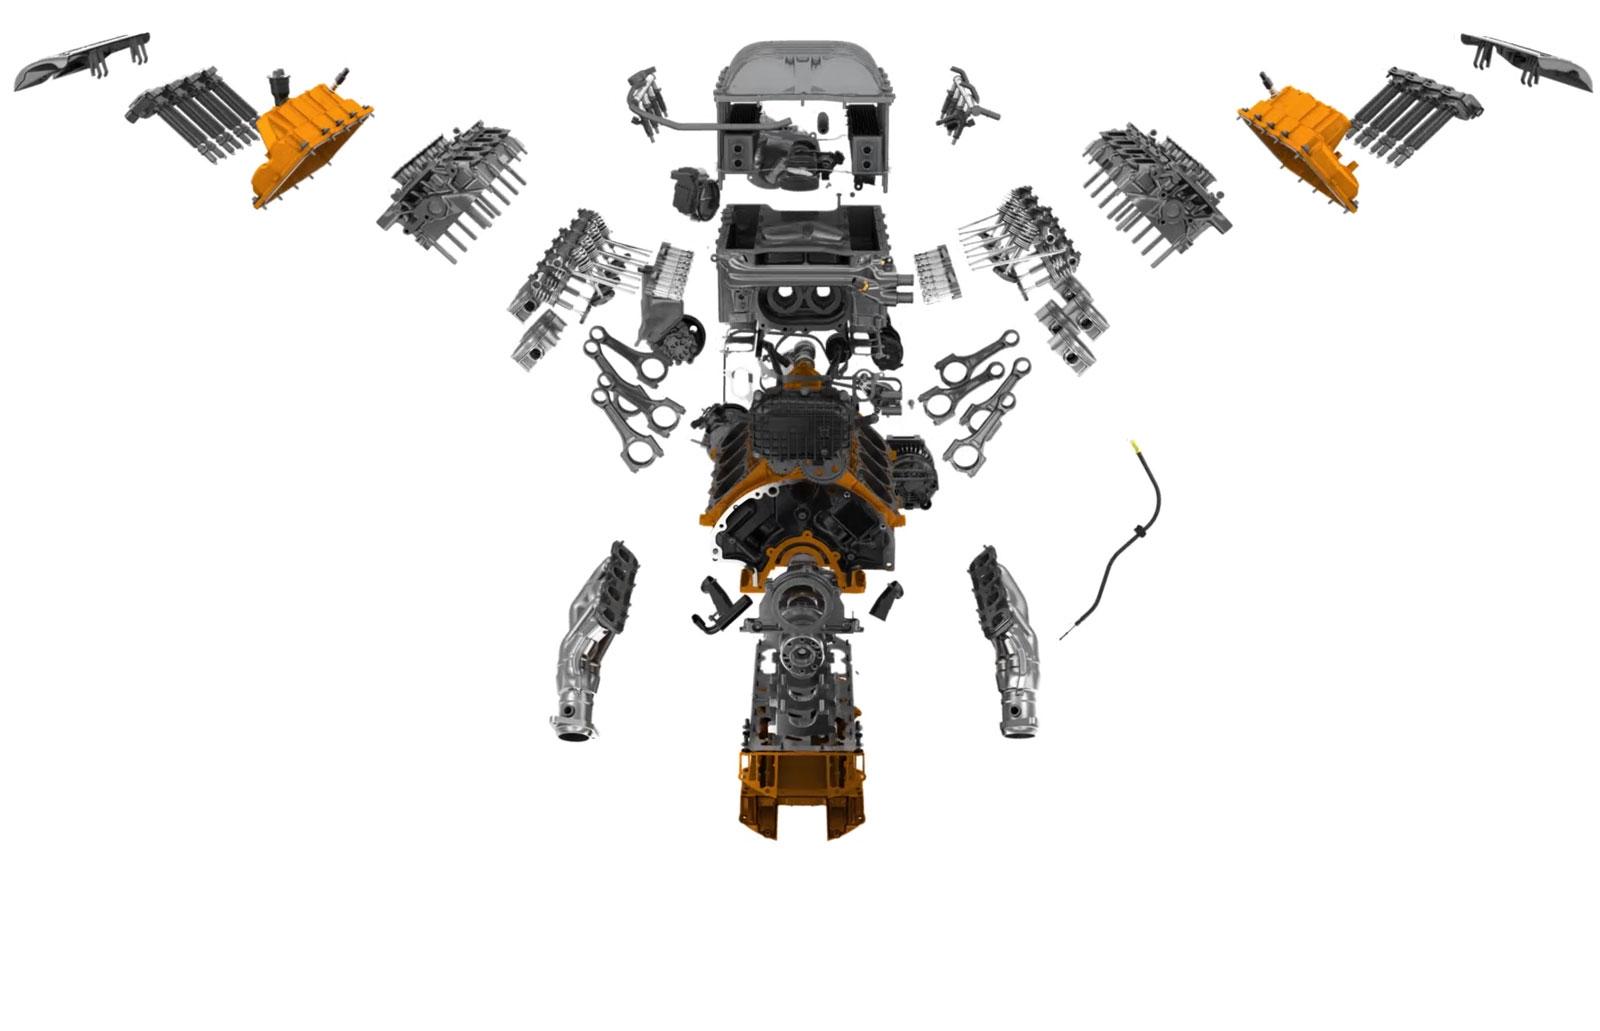 Hemi Asphalted 08 Dodge Charger Engine Diagram Slide 5 Openpagespeedcek Cwrxkje